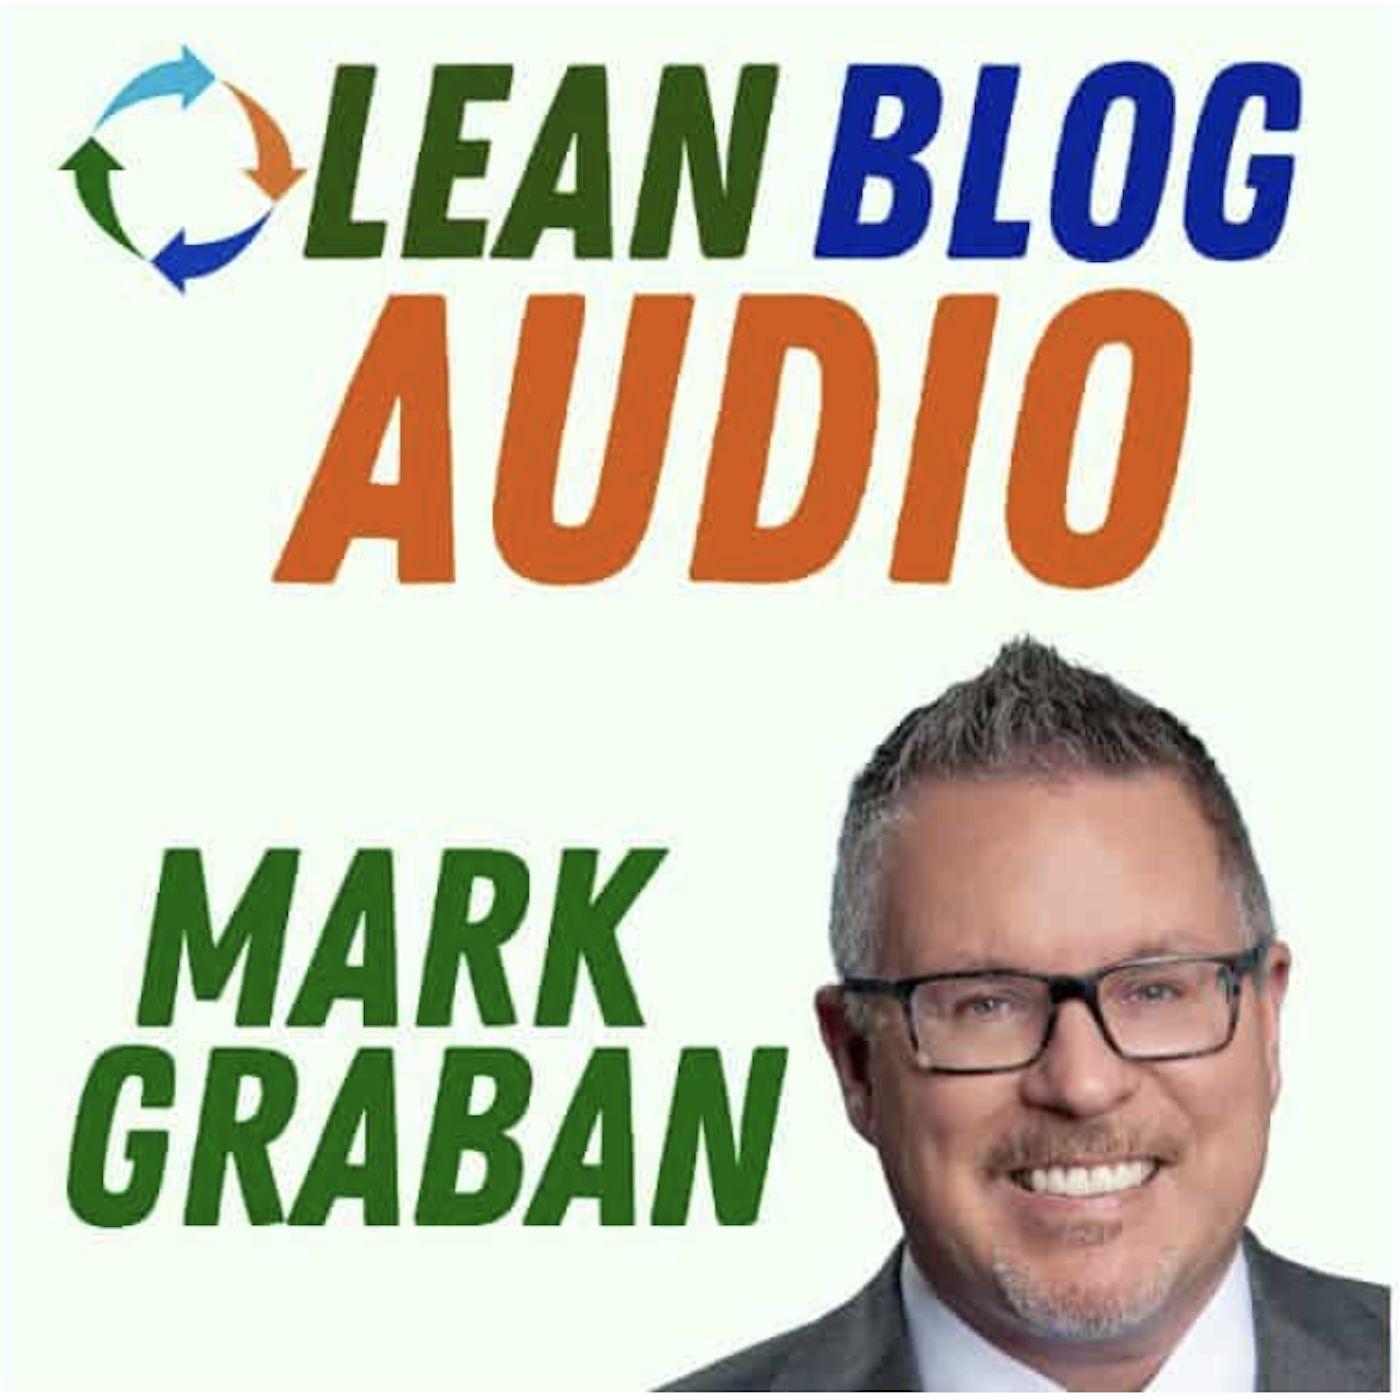 Lean Blog Audio